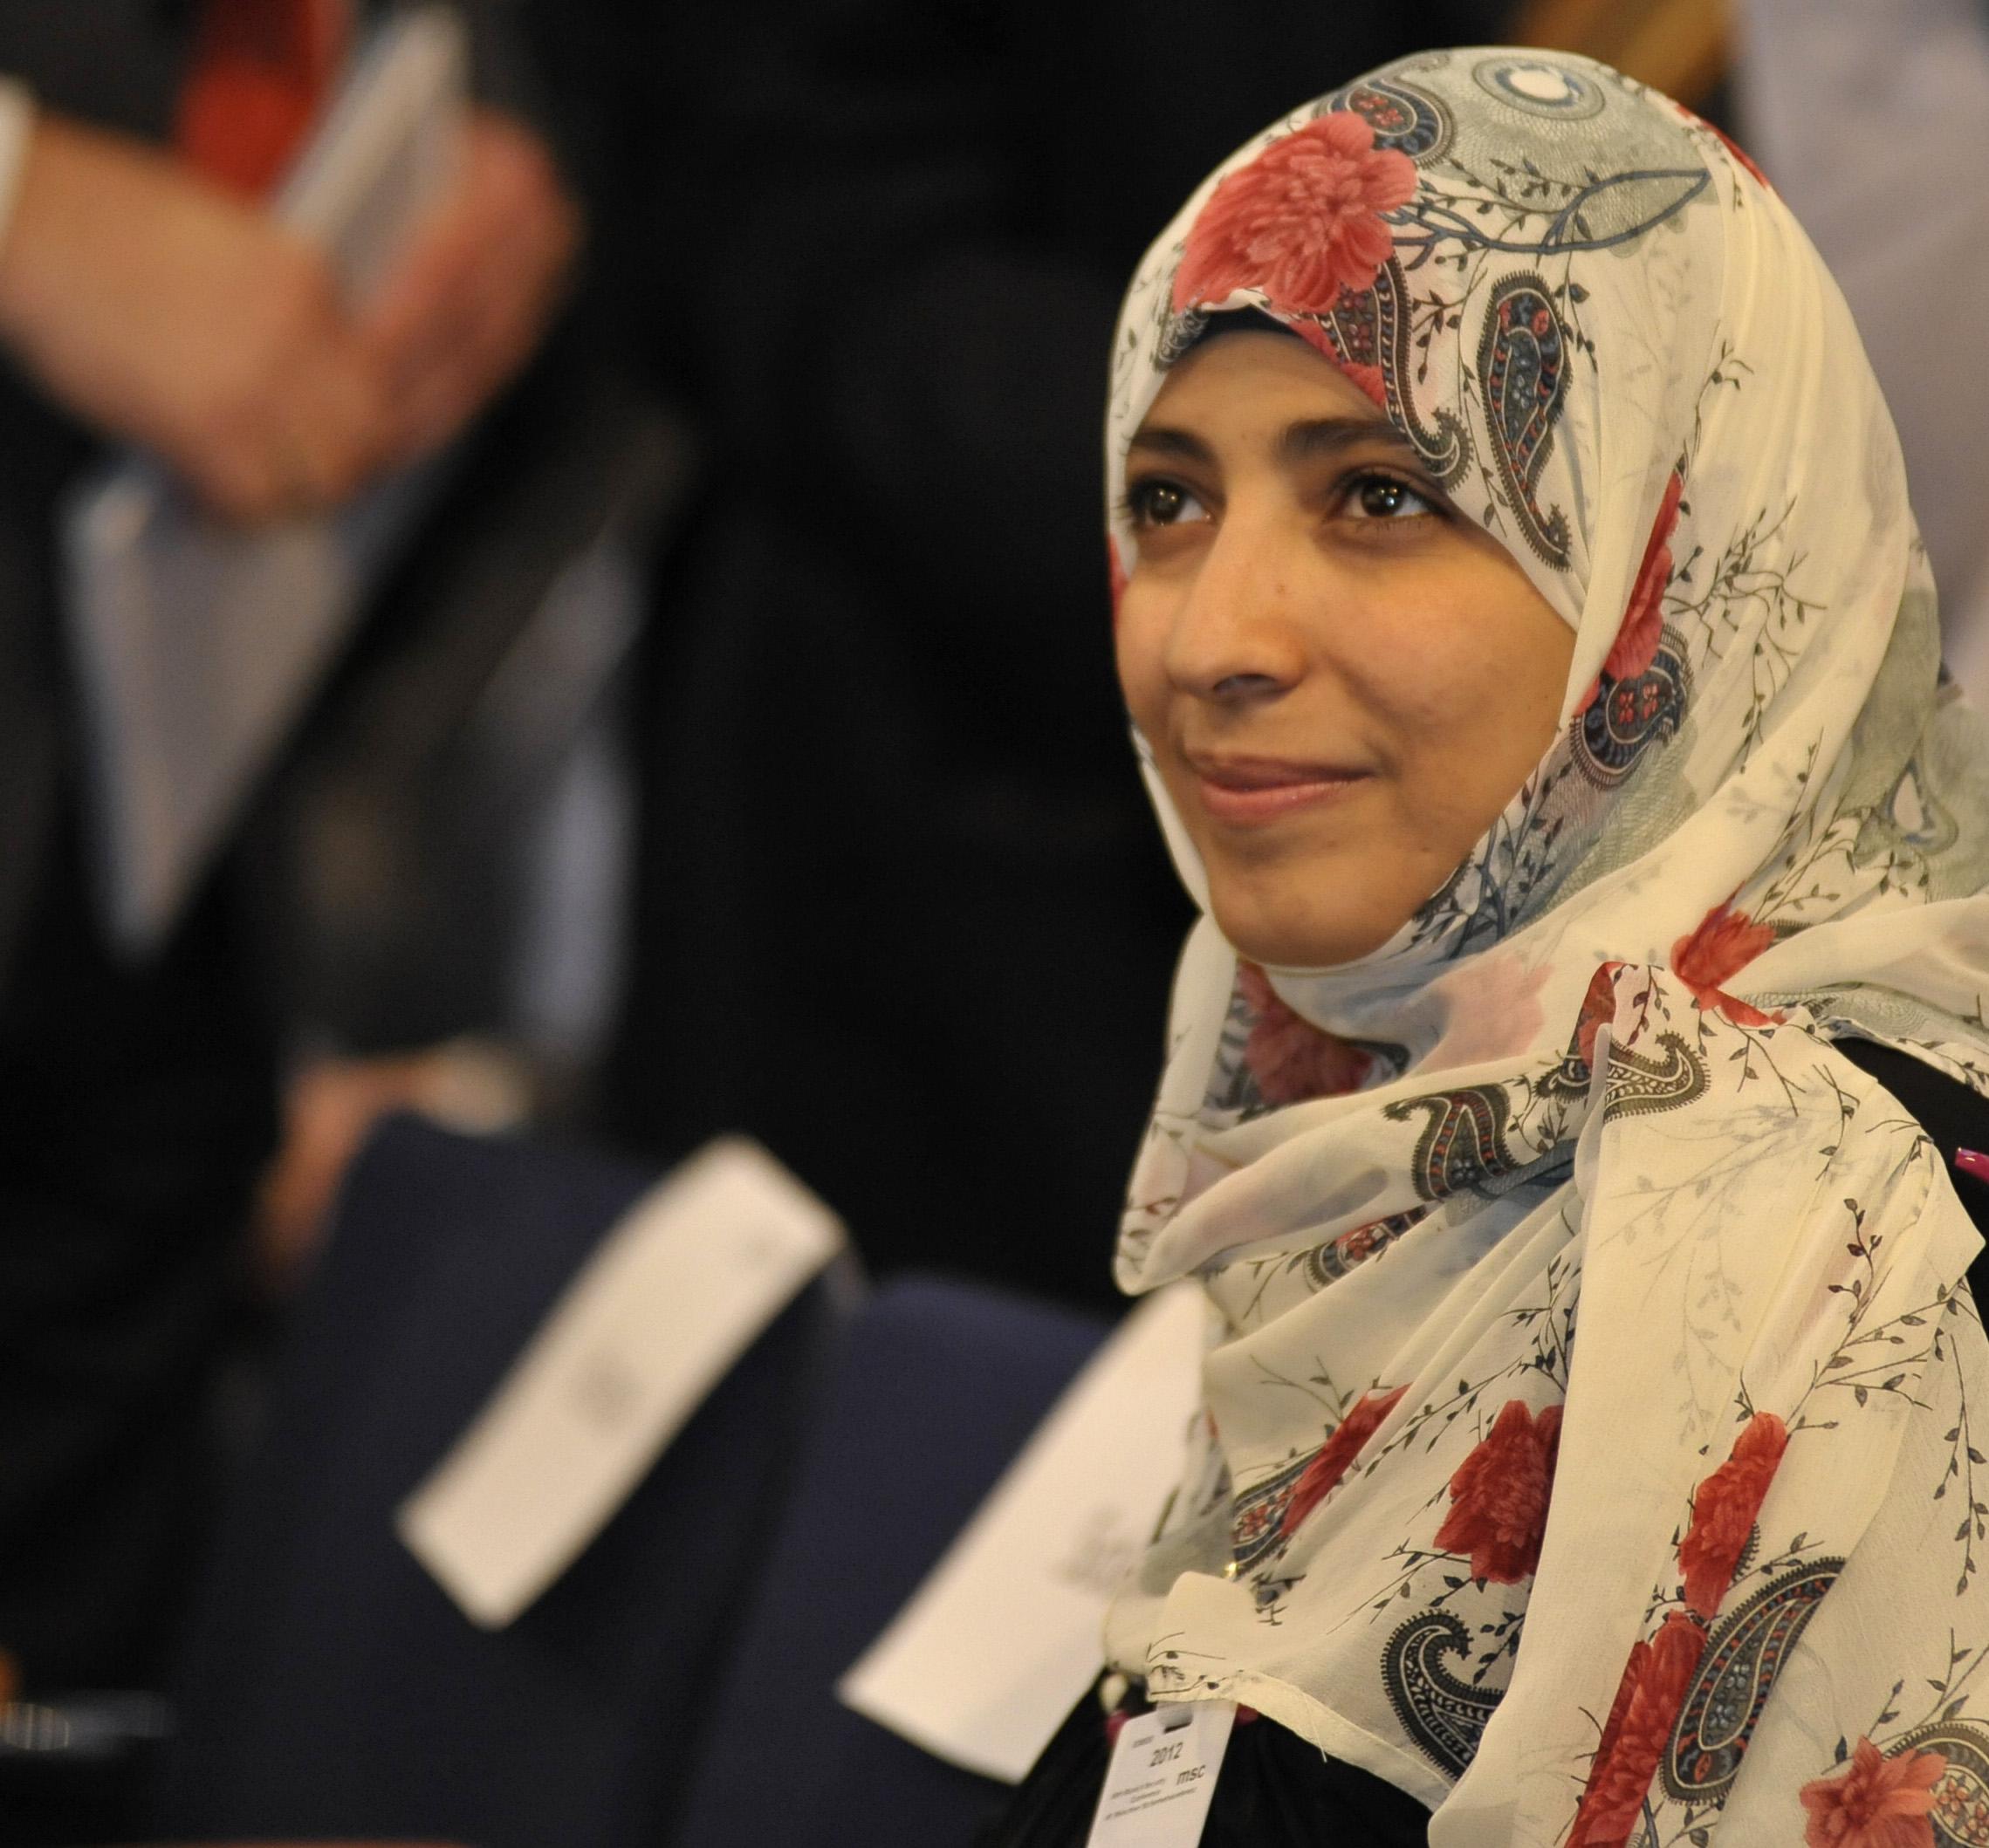 La activista yemení Tawakkul Karman, Nobel de la Paz 2011